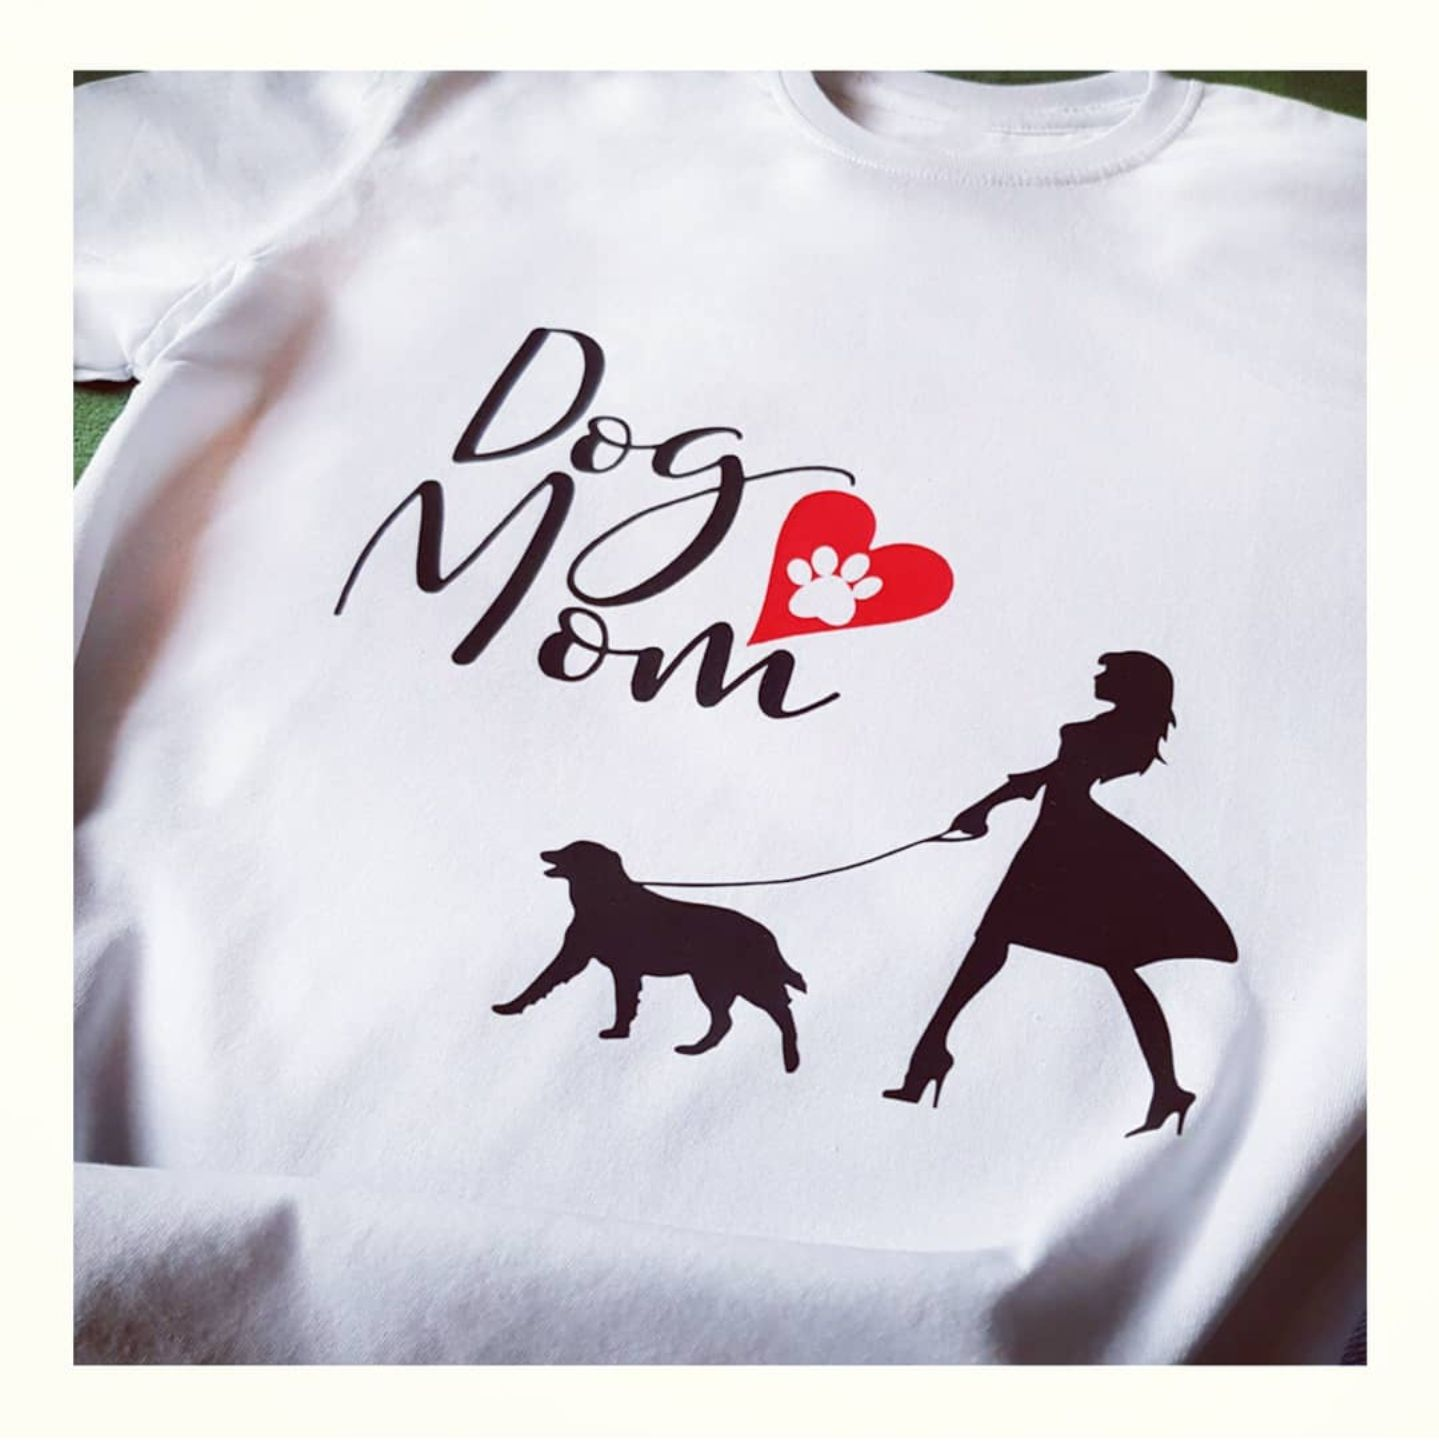 собачьямамочка модныйпринт любителямсобак стильнаяодежда домашняяодежа летняяодежда футболка